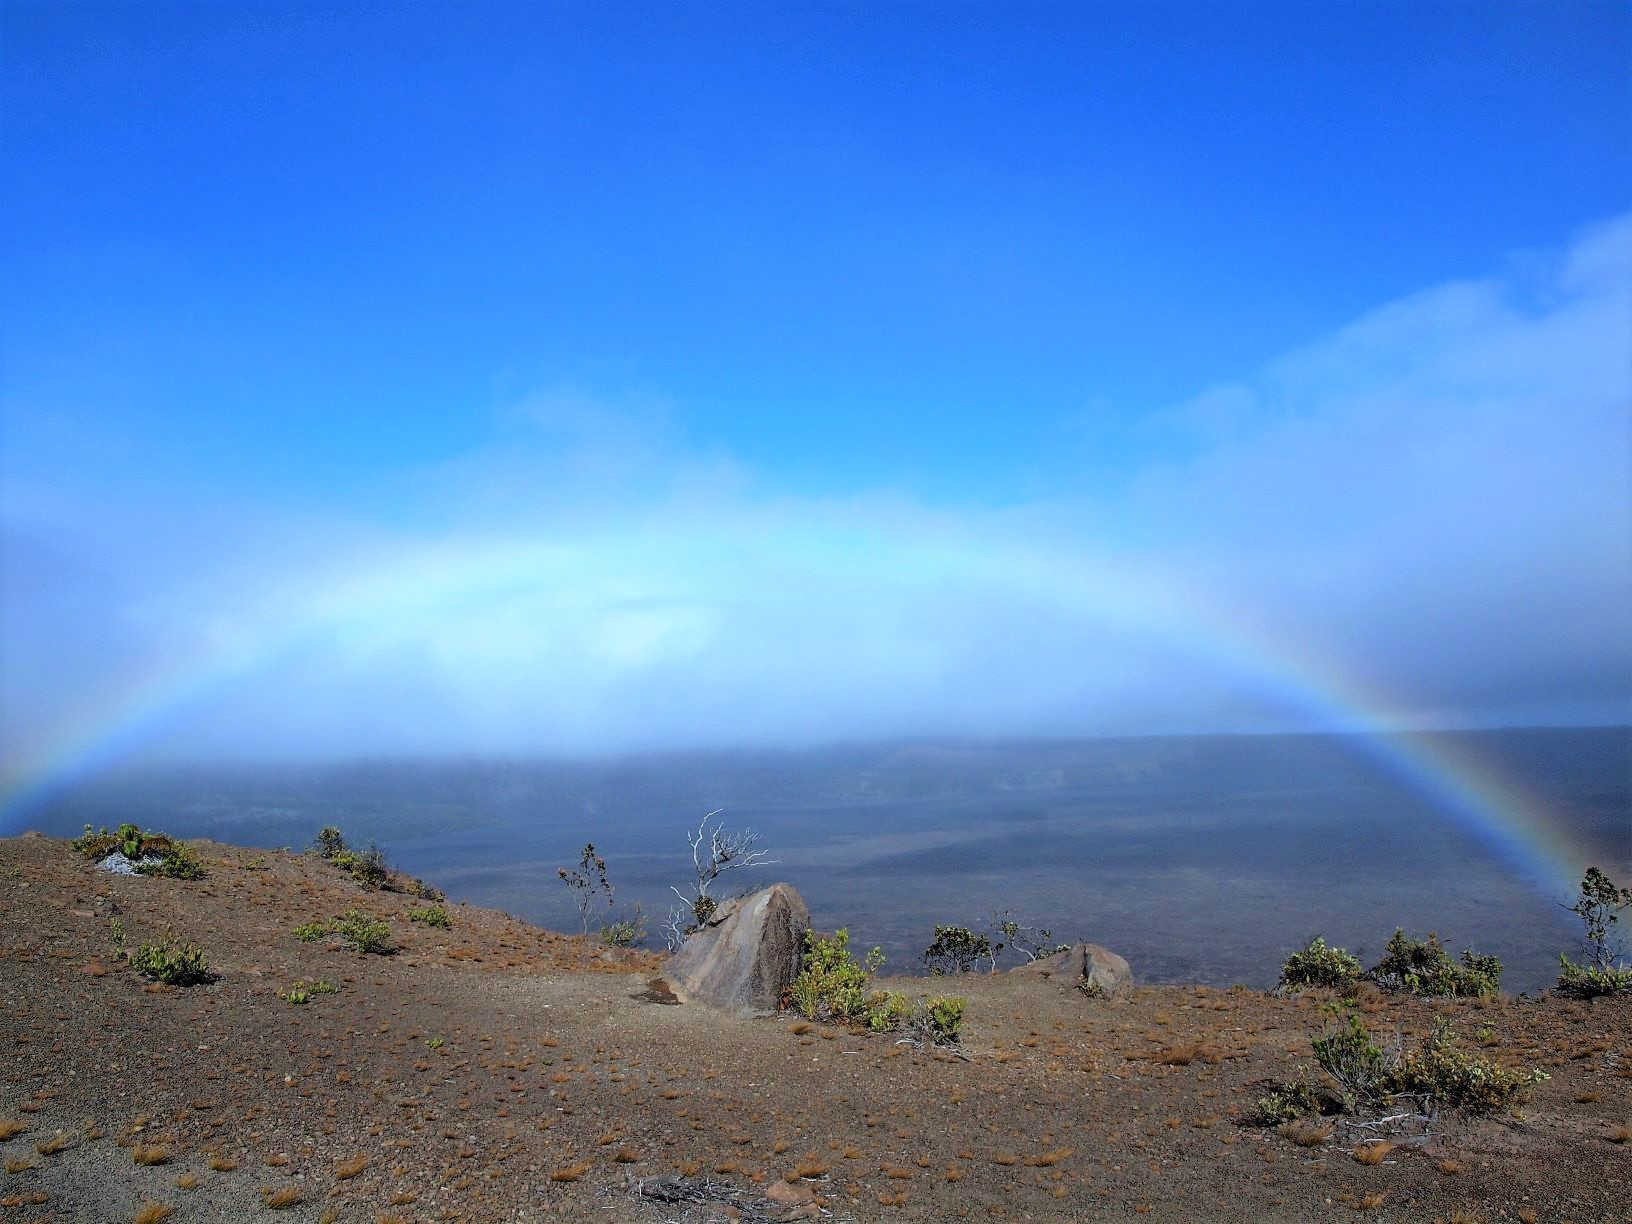 ビッグアイランド ハワイ島満喫ハイキング 6日間